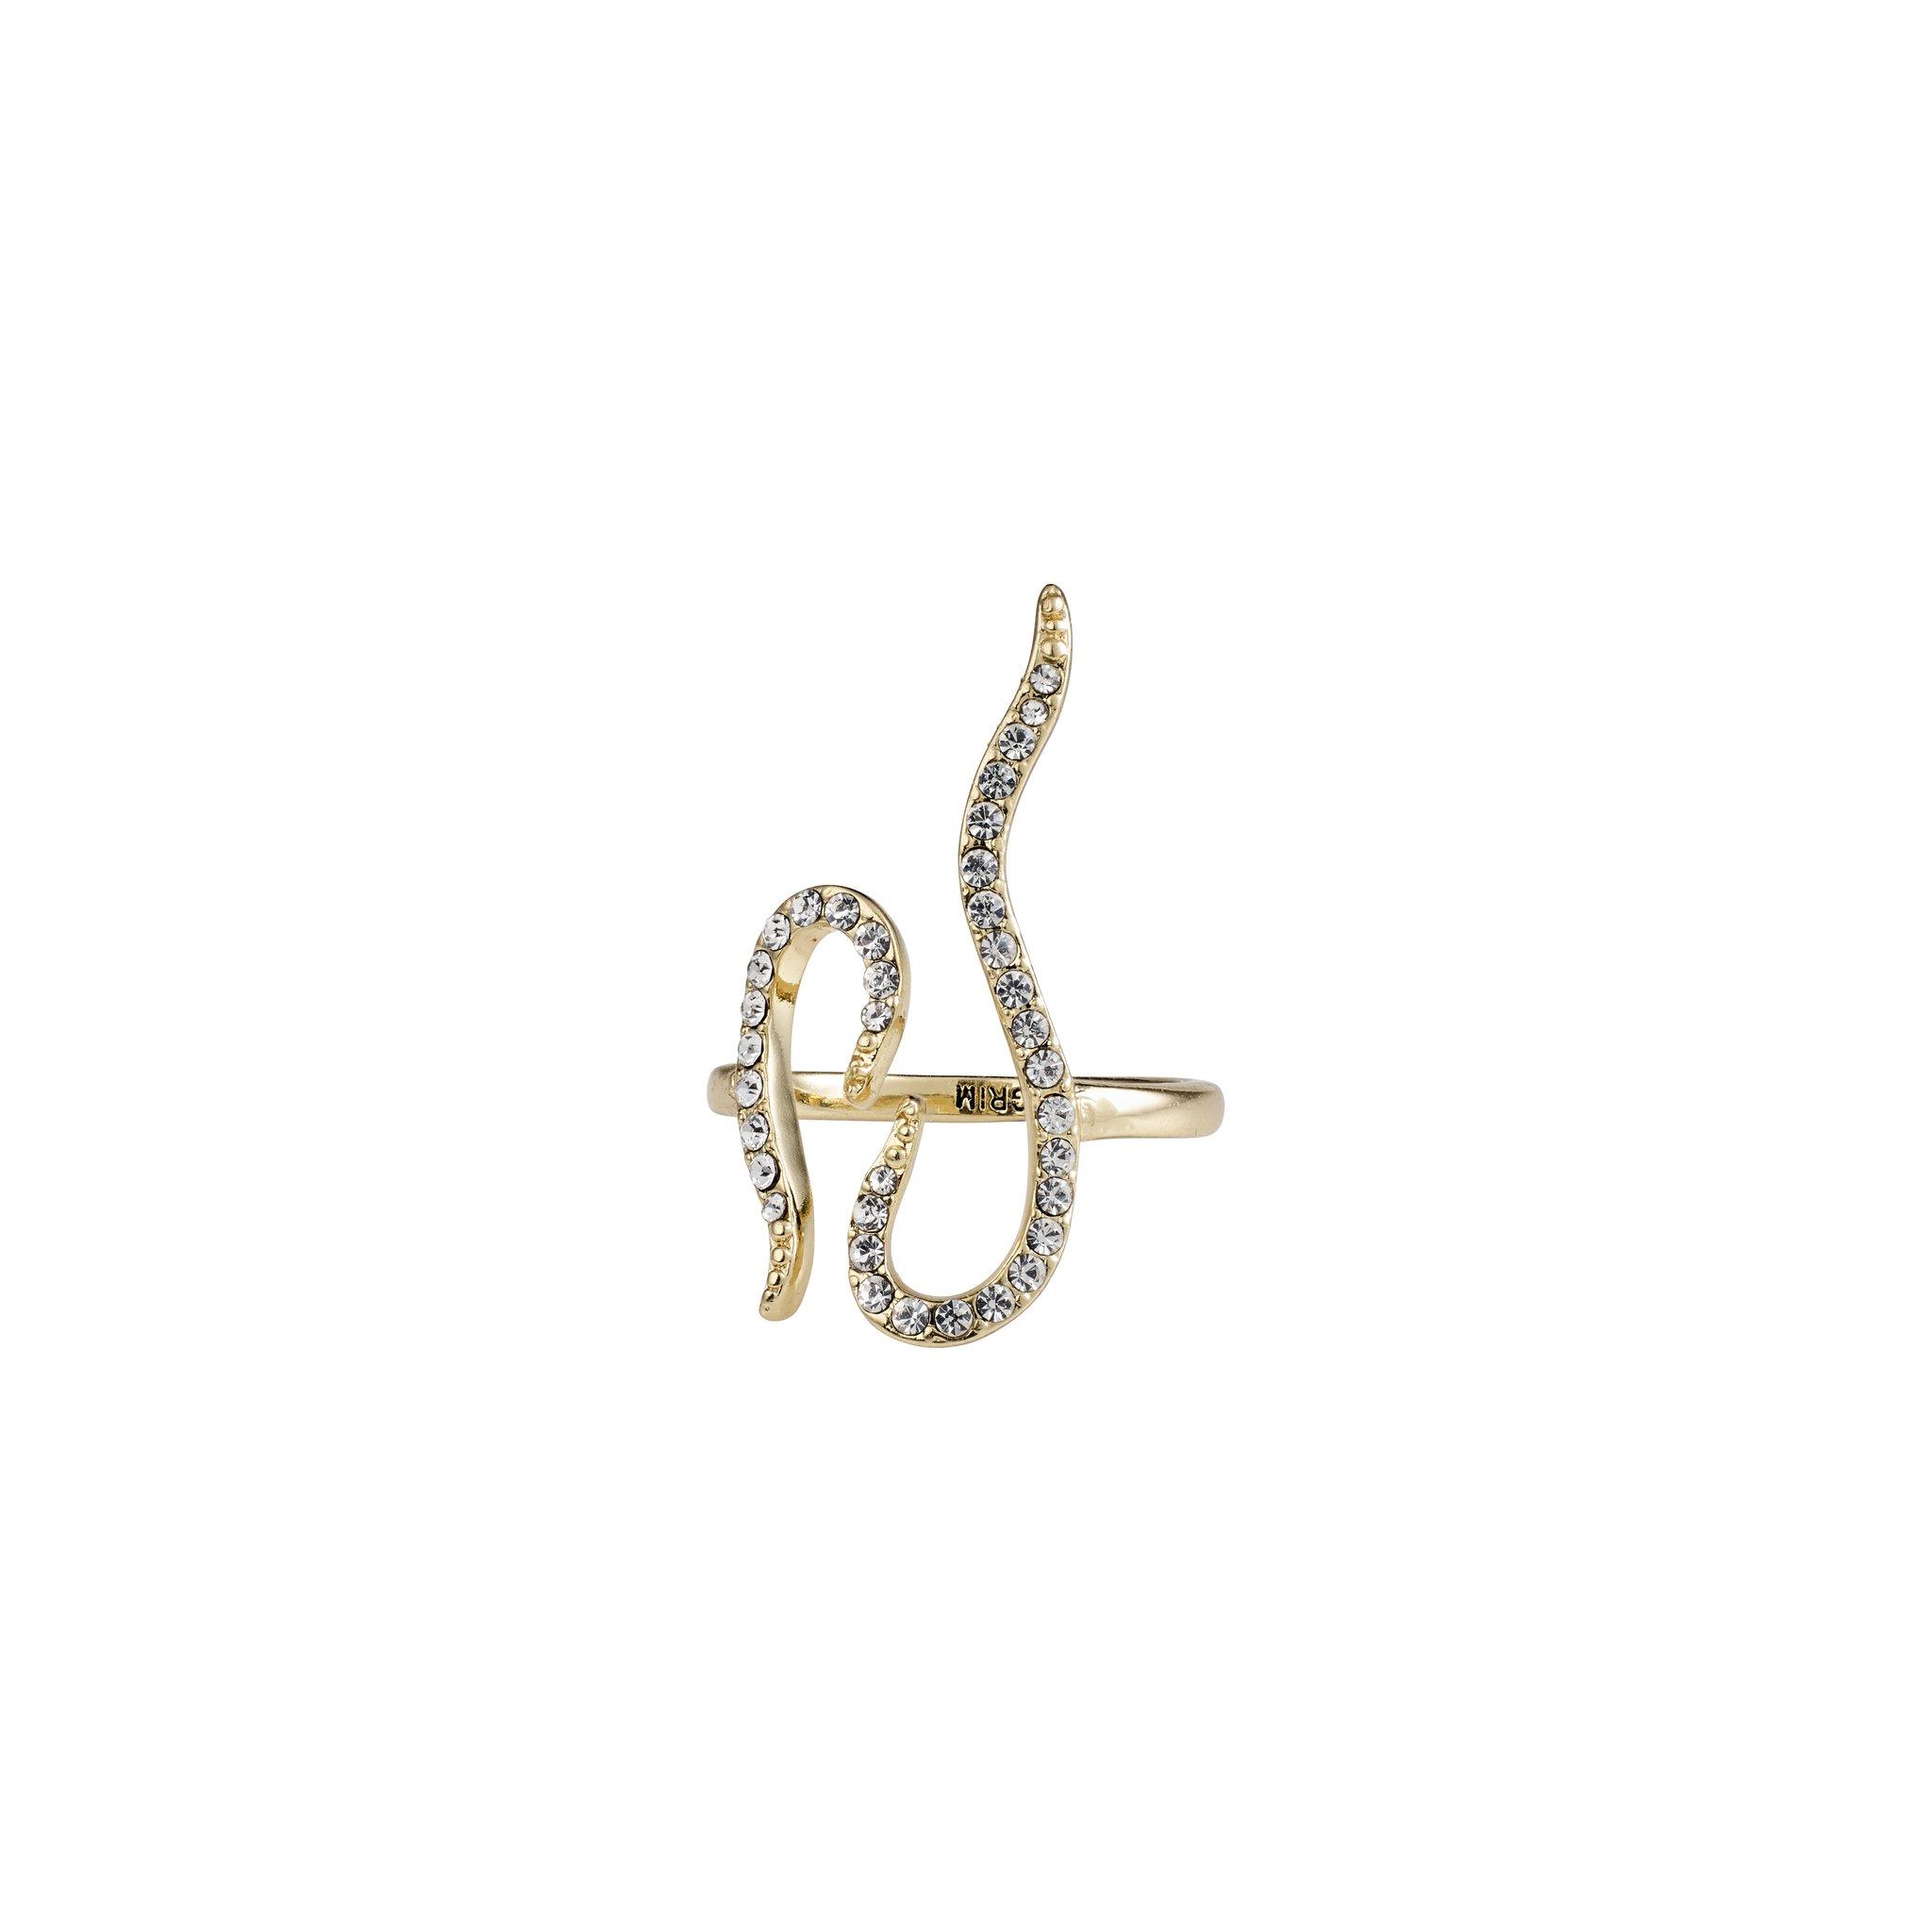 Pilgrim Beauty Slange ring